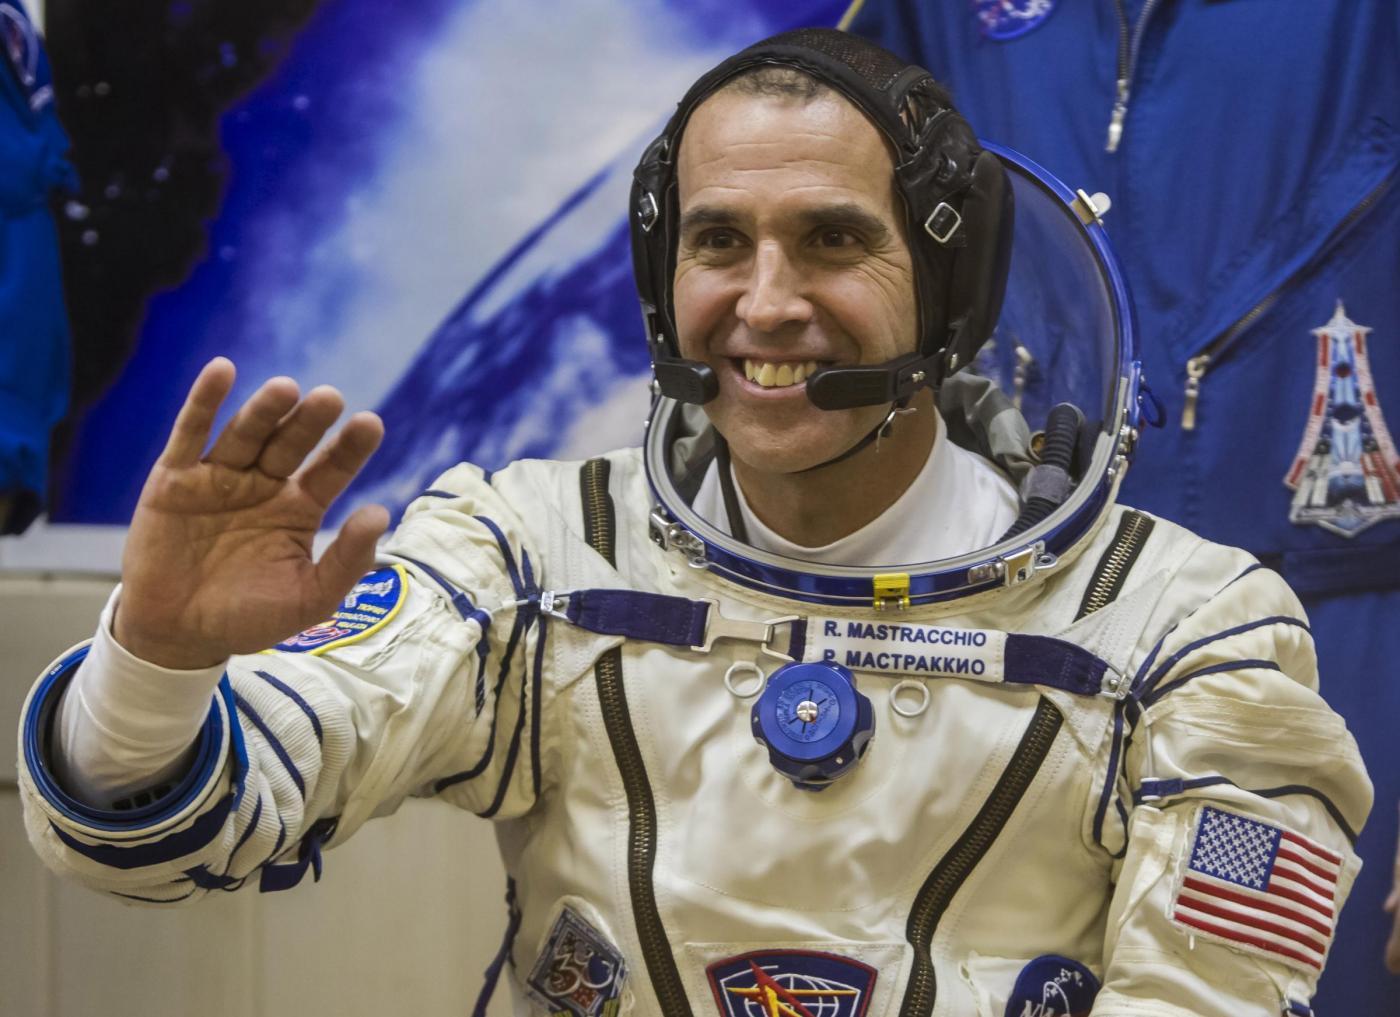 Rick Mastracchio, l'astronauta re di Twitter